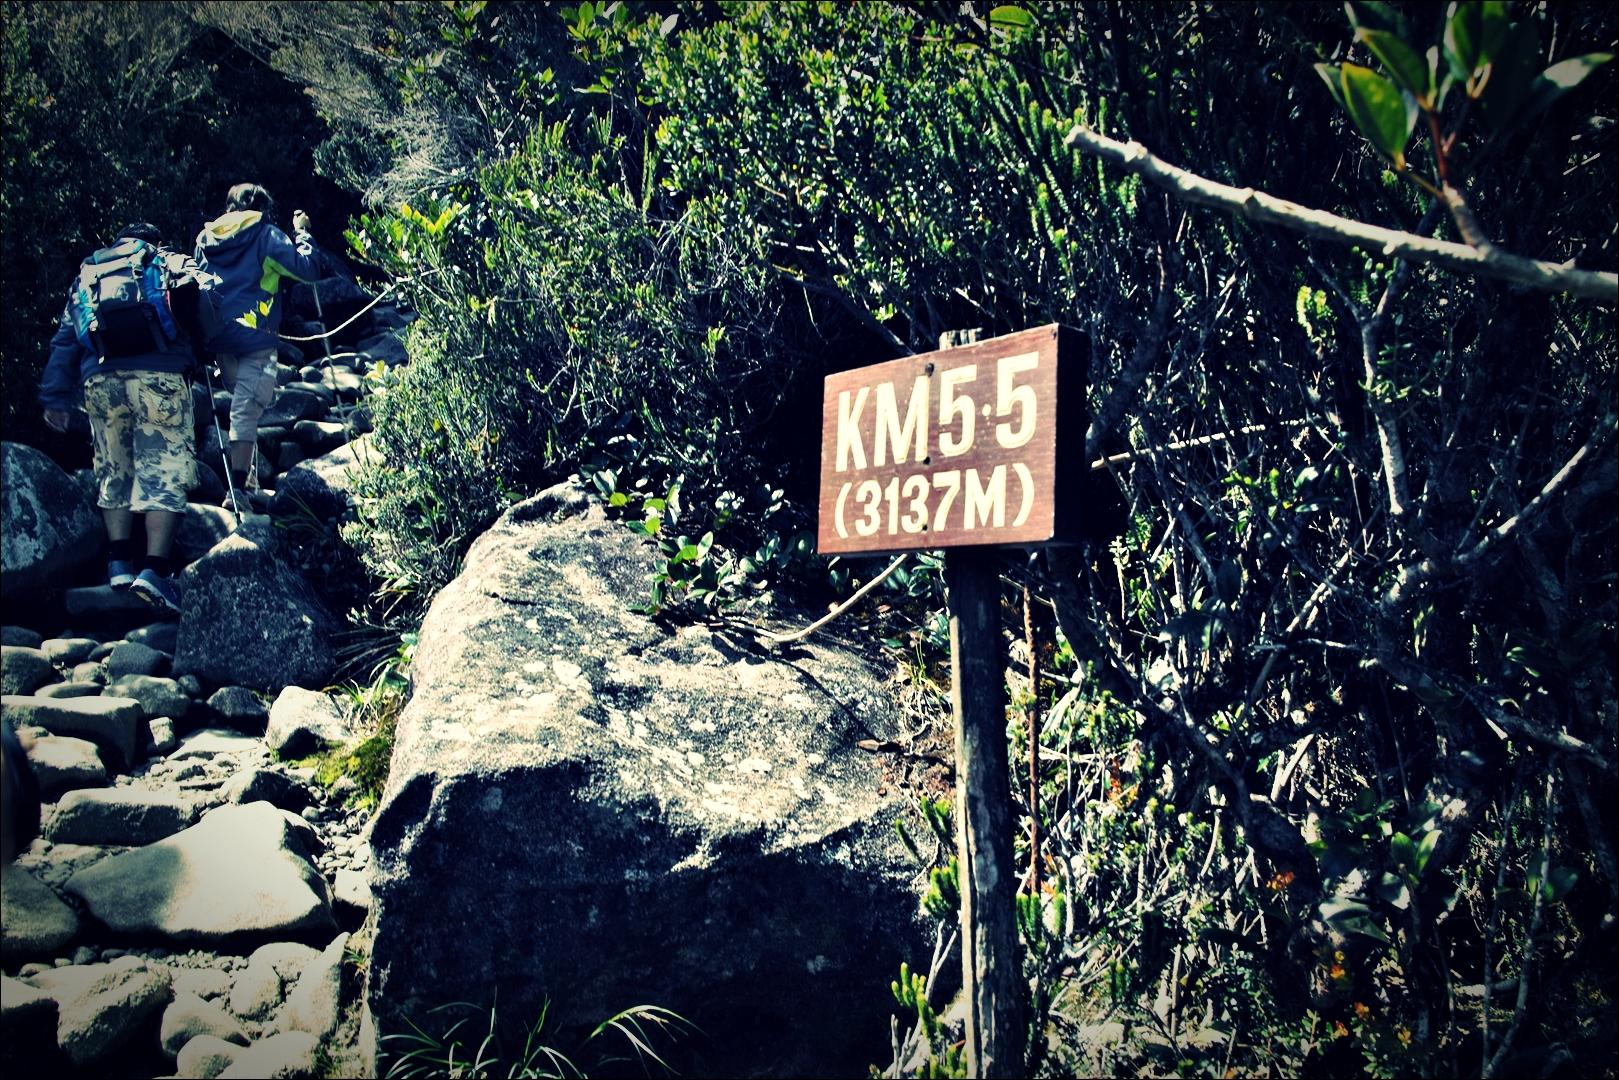 고지를 향하여-'키나발루 산 등정 Climbing mount Kinabalu Low's peak the summit'